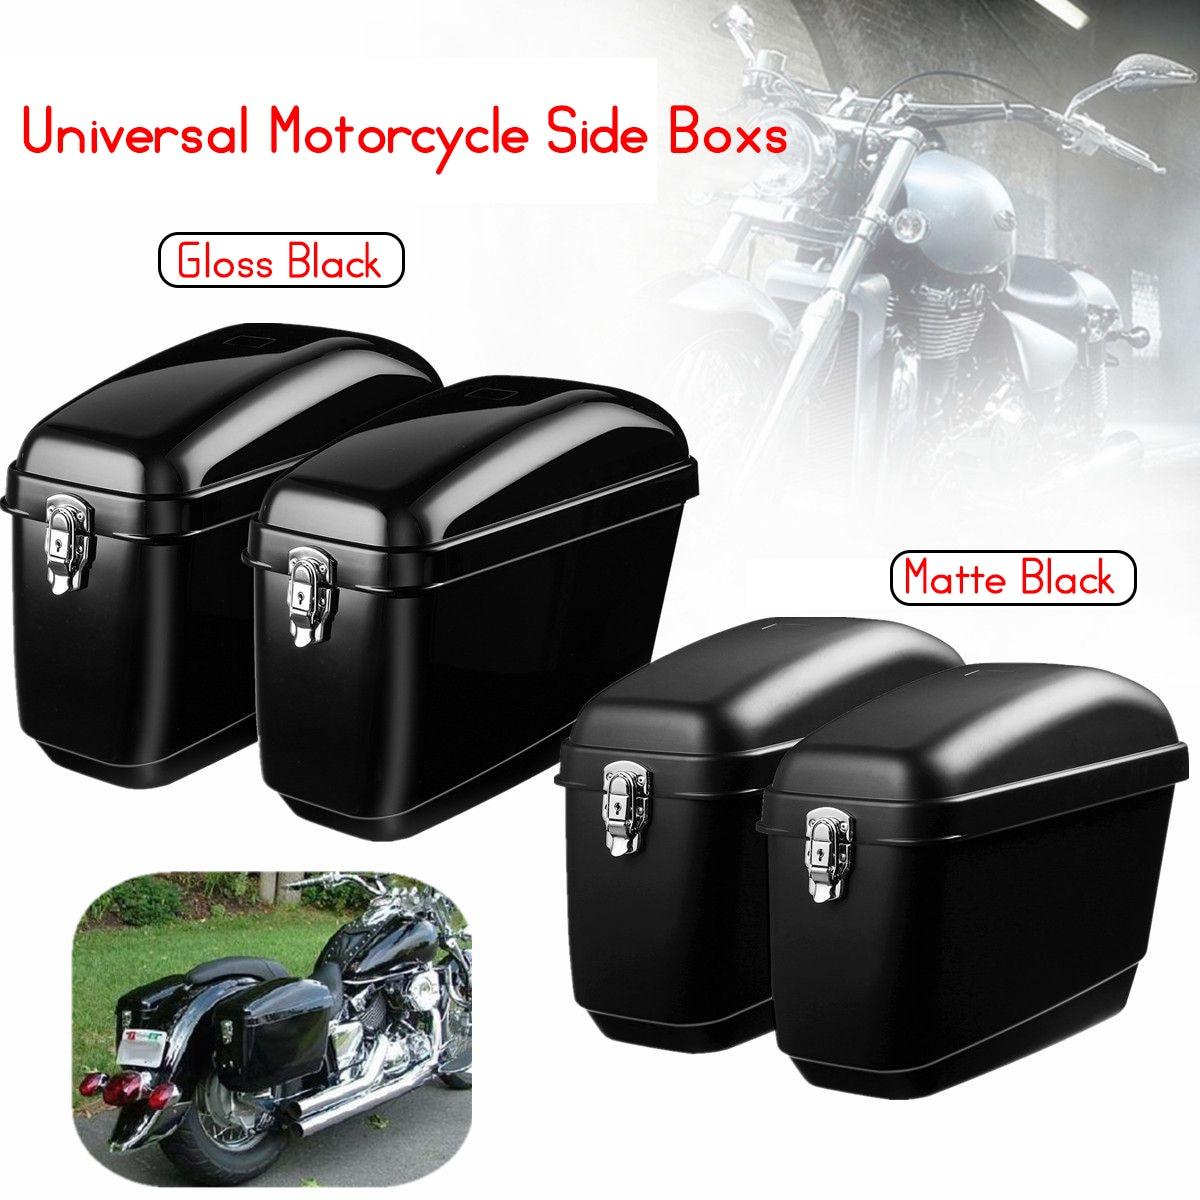 Par 30L Grandes Sacos de Motocicleta Sela Lateral Boxs Tanque de Bagagem Caso Difícil Para Harley Cruisers Kawasaki para Honda